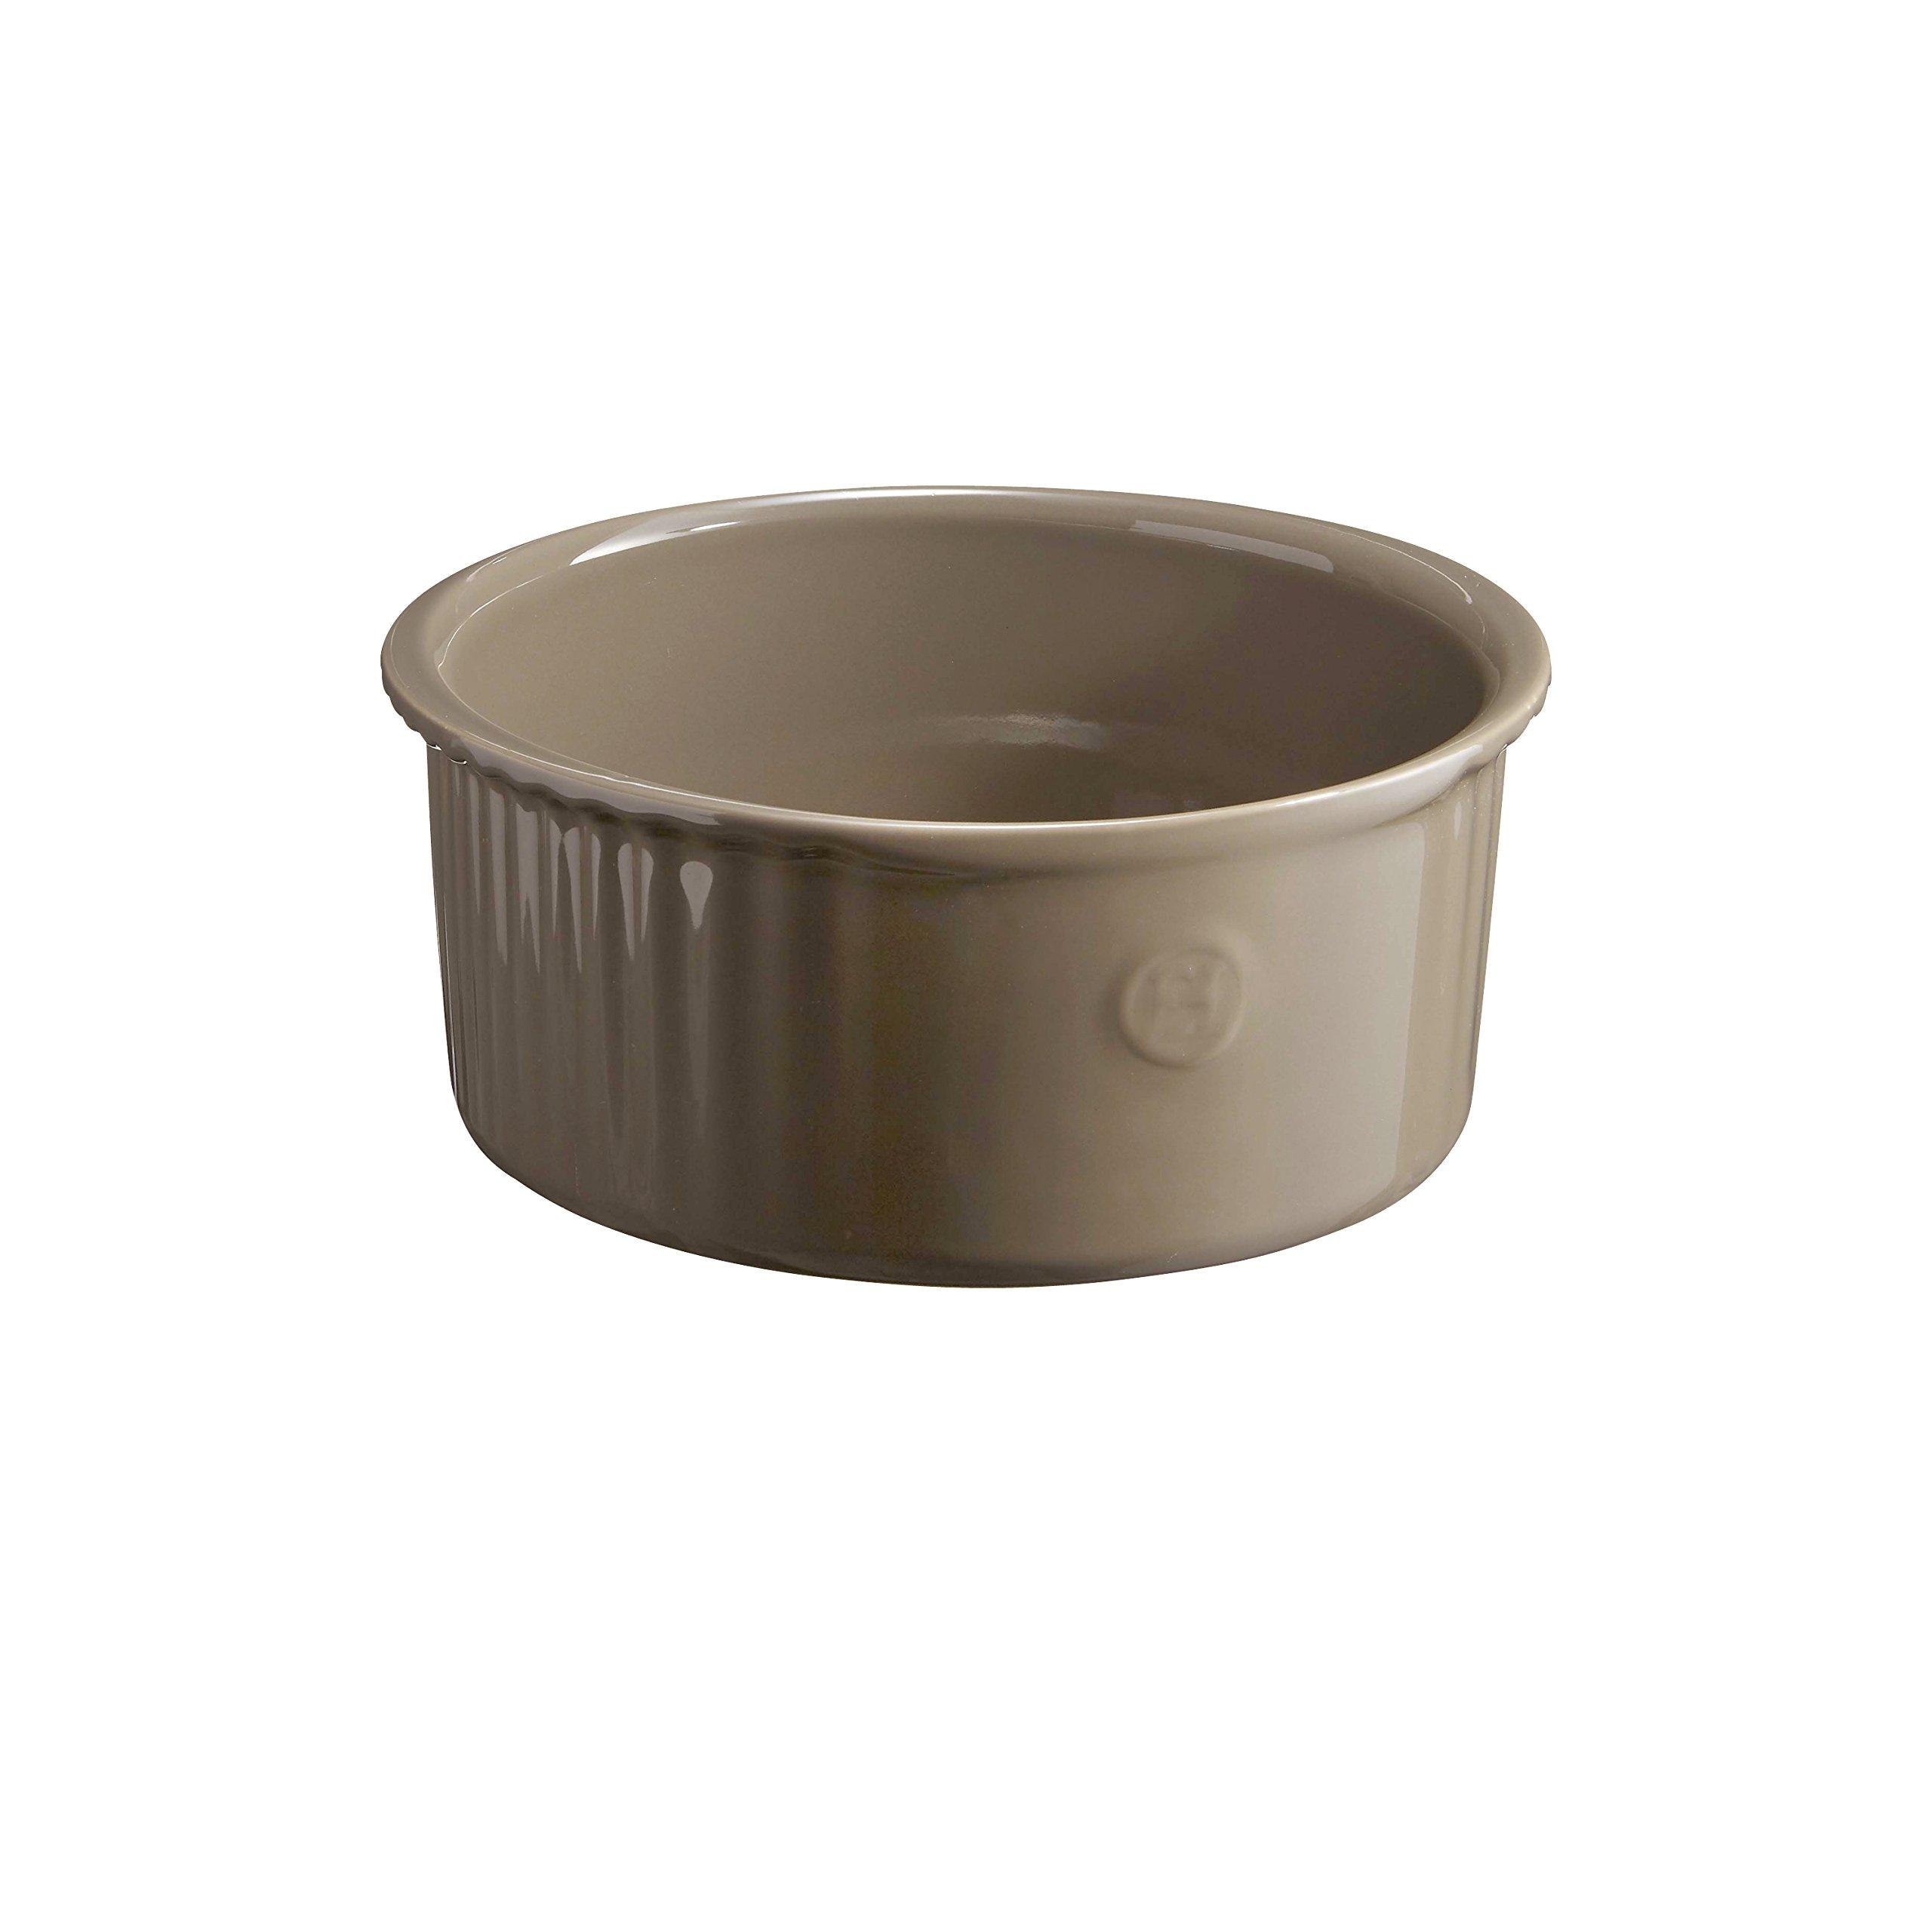 Emile Henry 956880 Souffle Dish, 2.3 Quart, Flint by Emile Henry